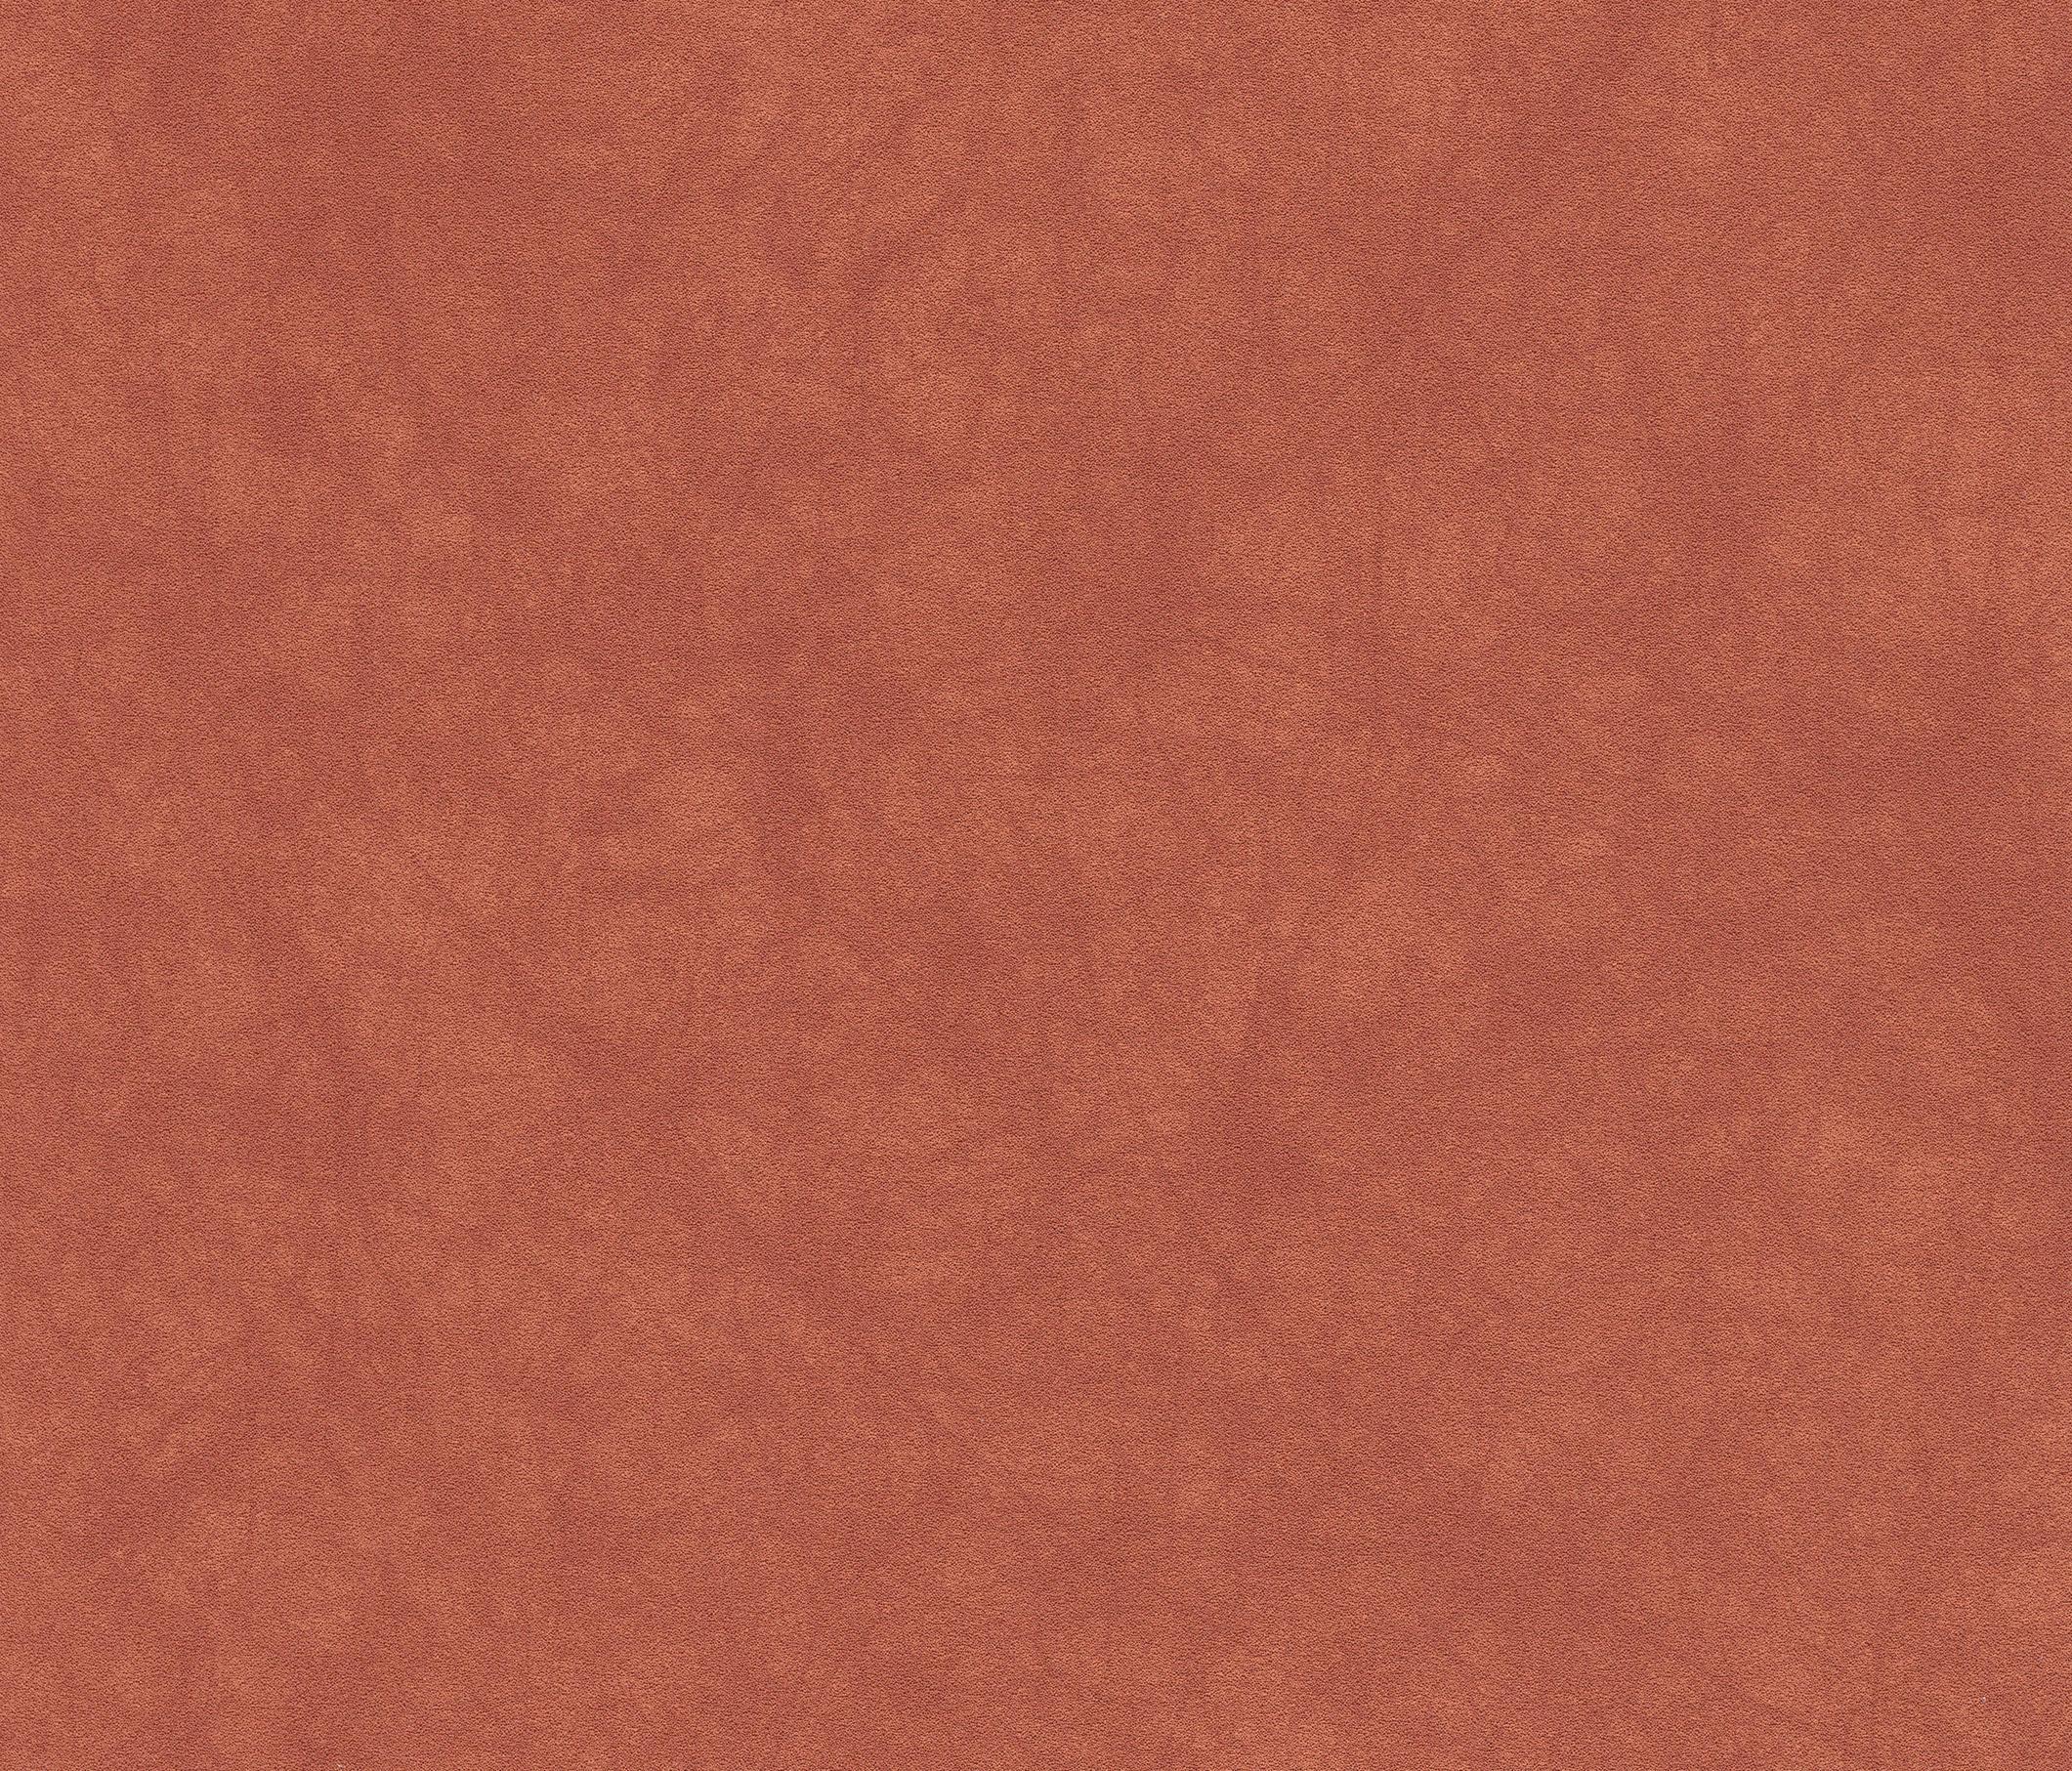 SKAI PALENA - Finta pelle Hornschuch | Architonic Hornschuch Skai